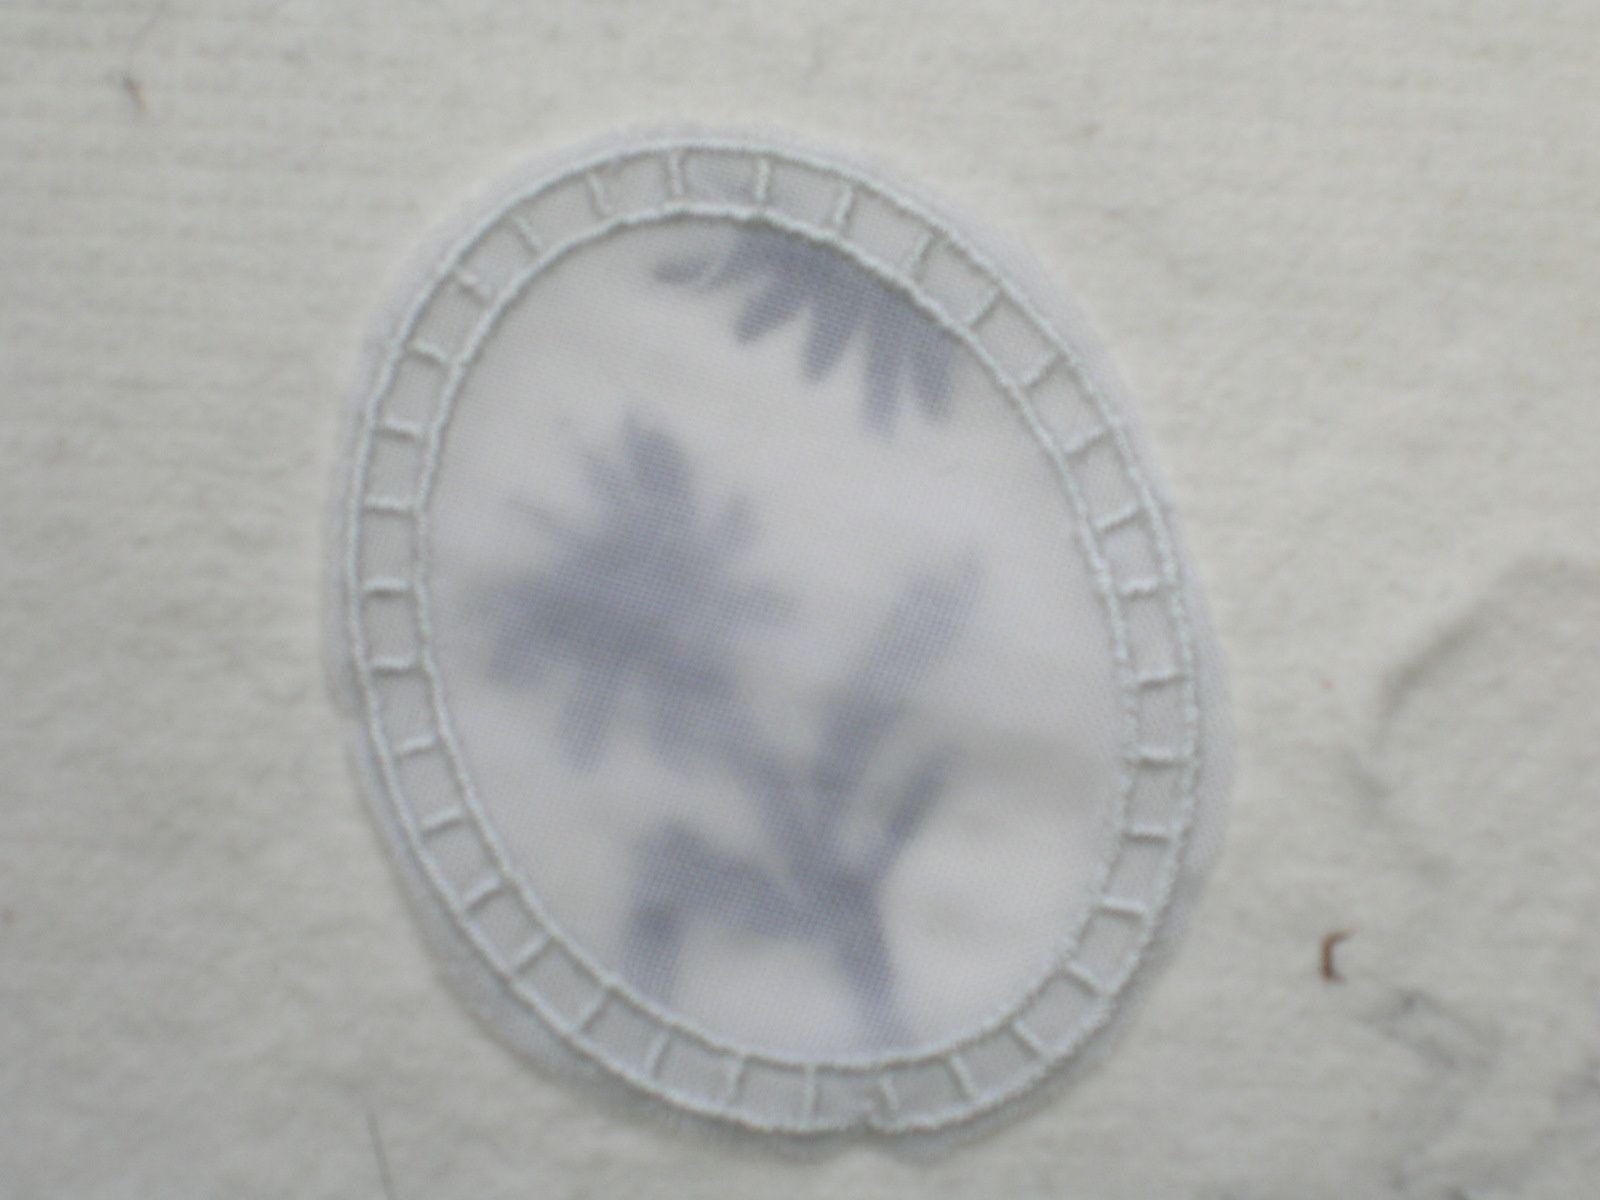 tavail papier , inclusions textiles , et autres ............ FAIRE APPARAITRE LA TRANSPARENCE  ET LES APPARENCES